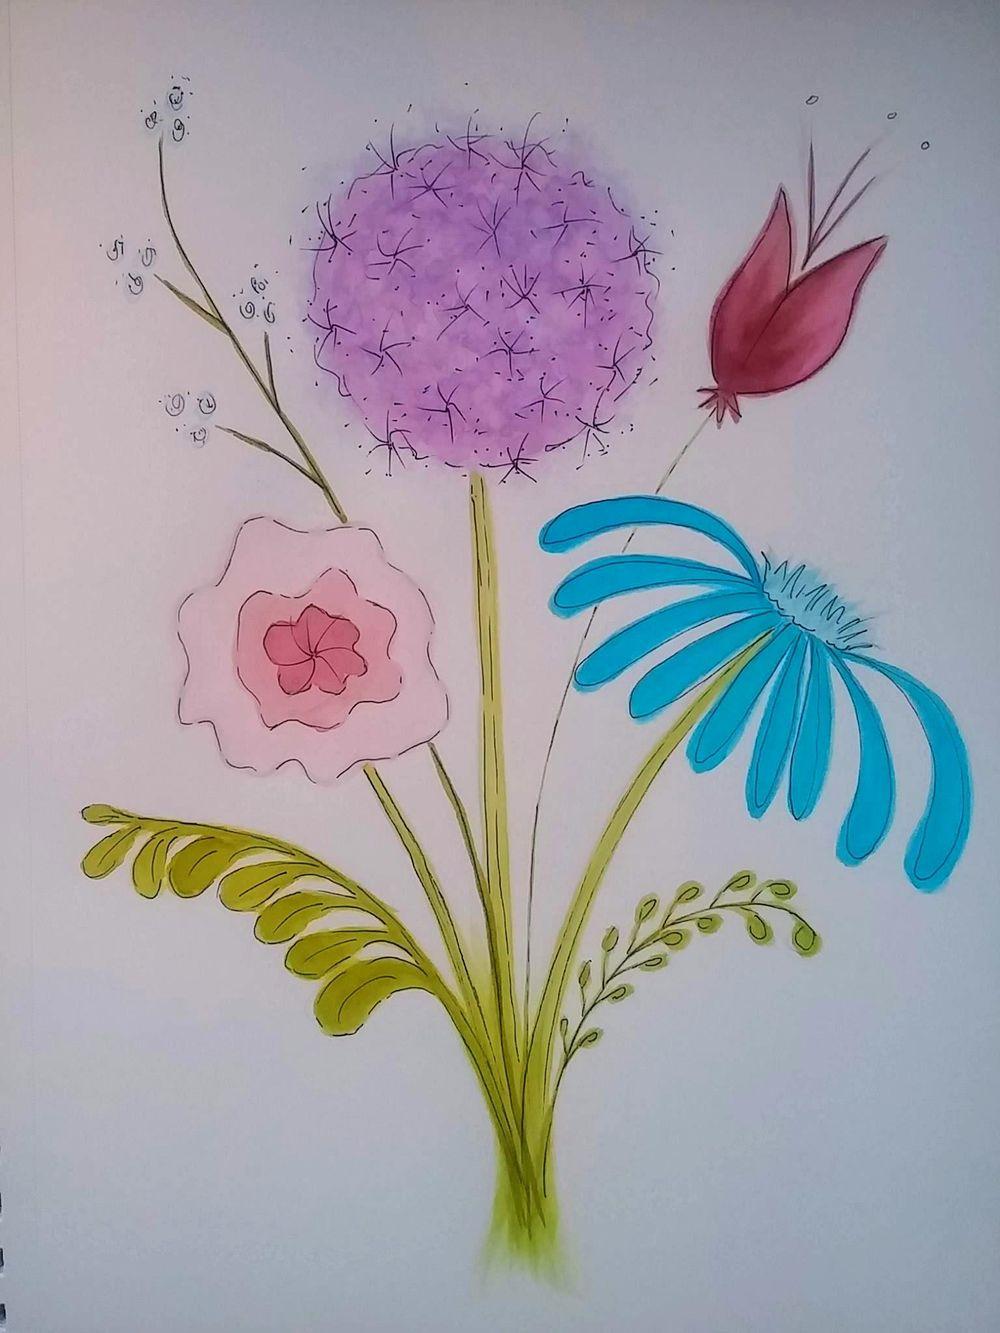 floral bouquet and flat arrangement - image 1 - student project